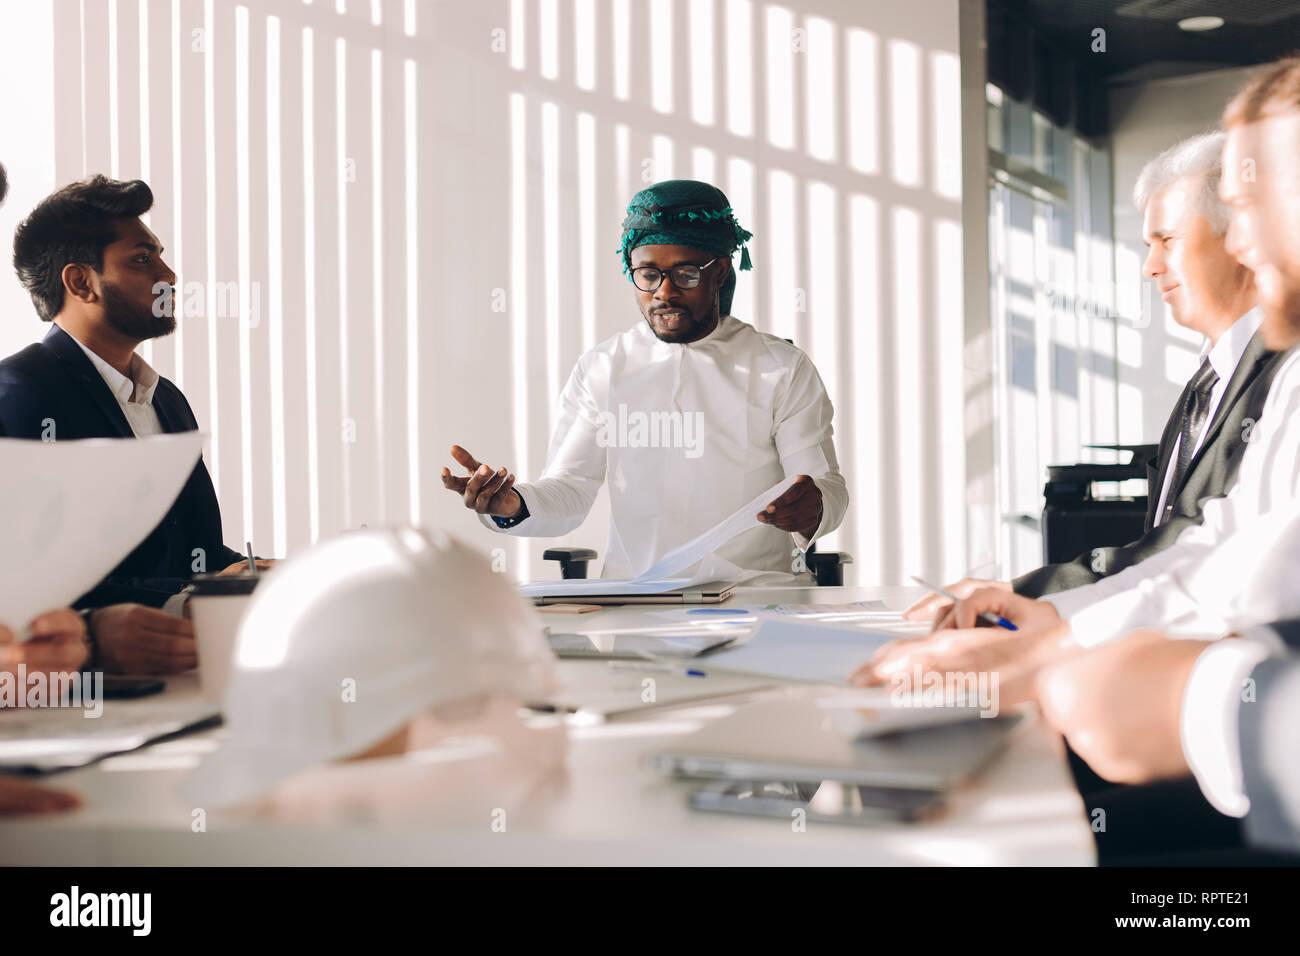 Arabian inversionista en blanco y gutra candura nacionales en la cabeza discutiendo la estrategia financiera de la empresa con su multirucial los gerentes hombres durante una reunión Foto de stock